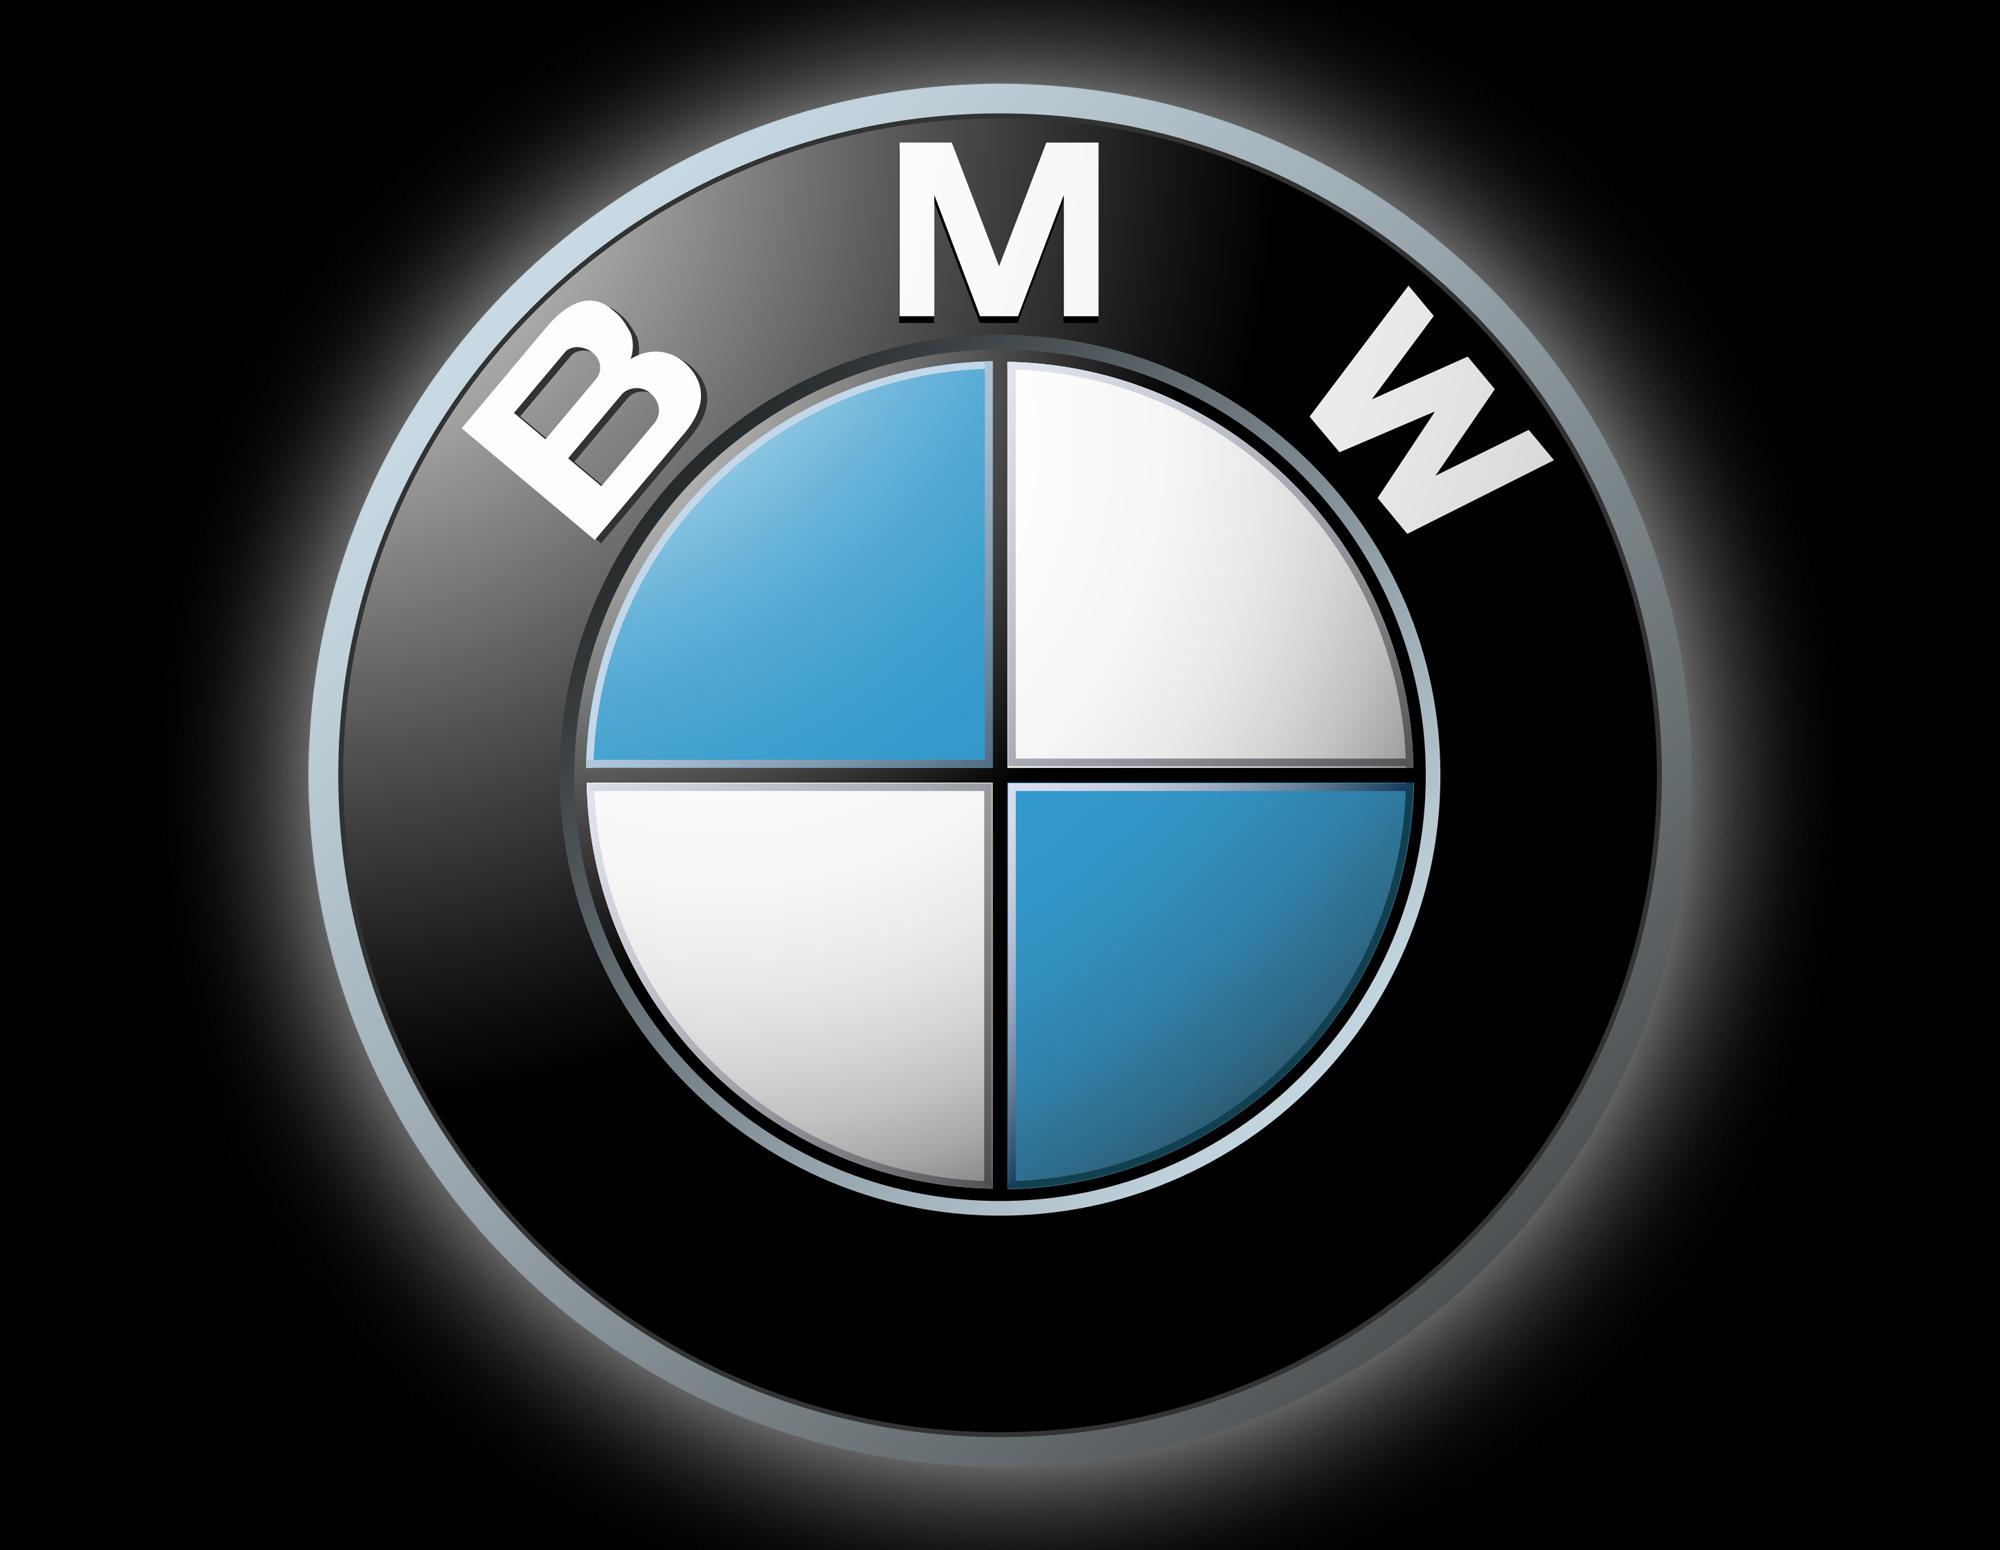 bmw-motorcycle-logo-symbol